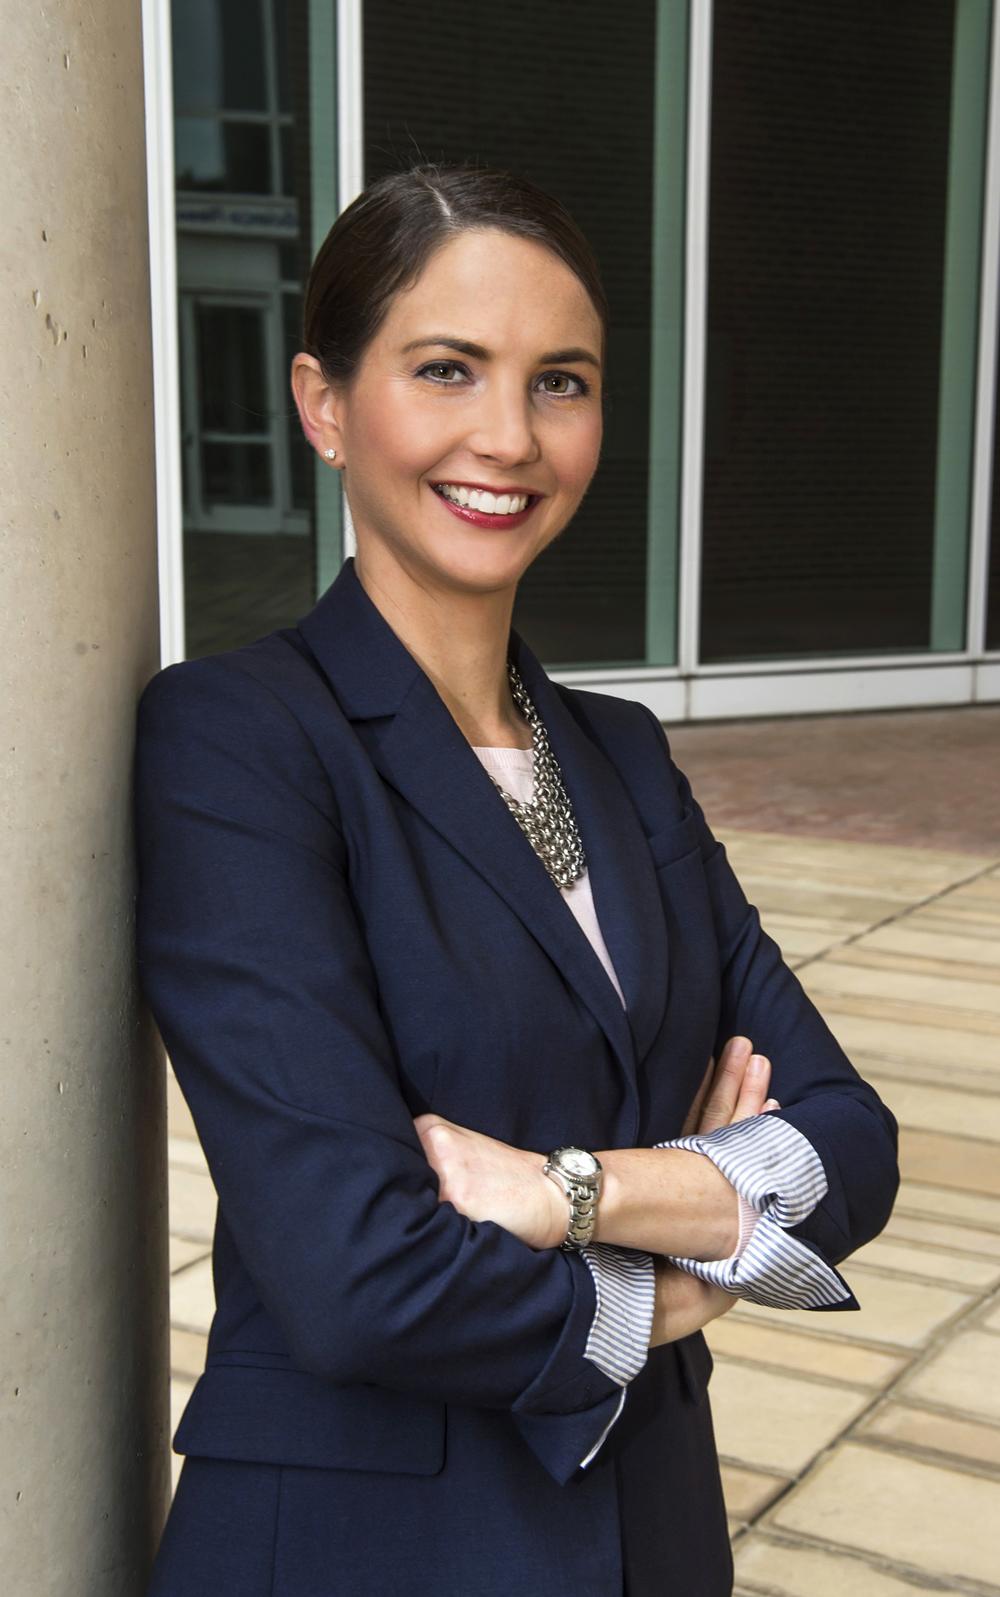 Ashley Kranjac photo by Tommy LaVergne/Rice University